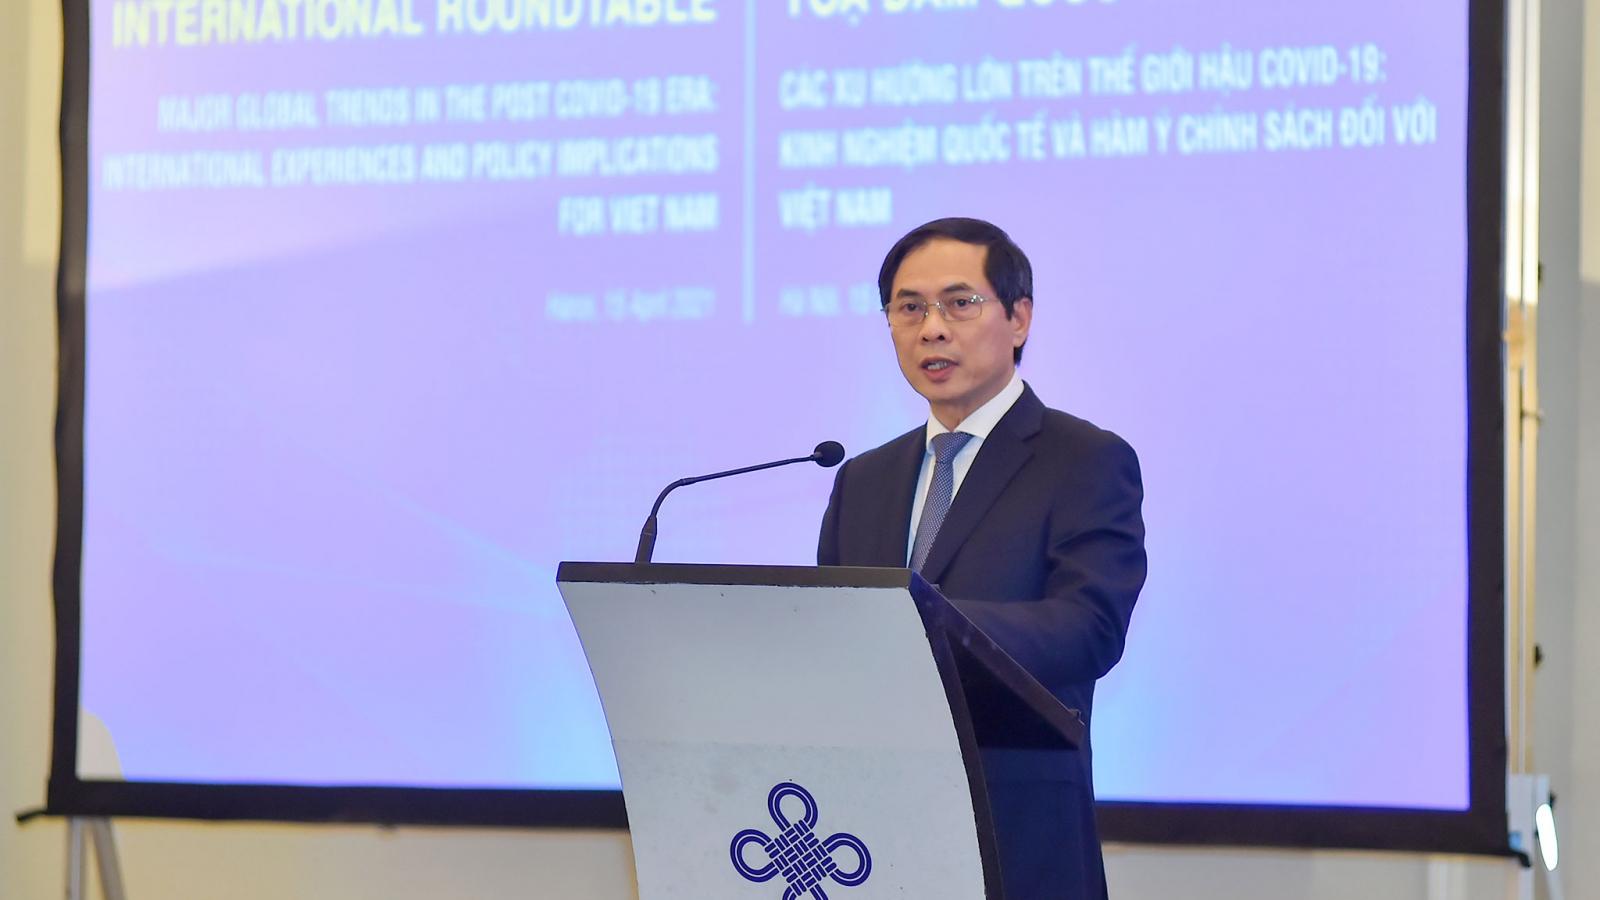 Các xu hướng lớn trên thế giới hậu Covid-19: Kinh nghiệm quốc tế và gợi ýđối với Việt Nam